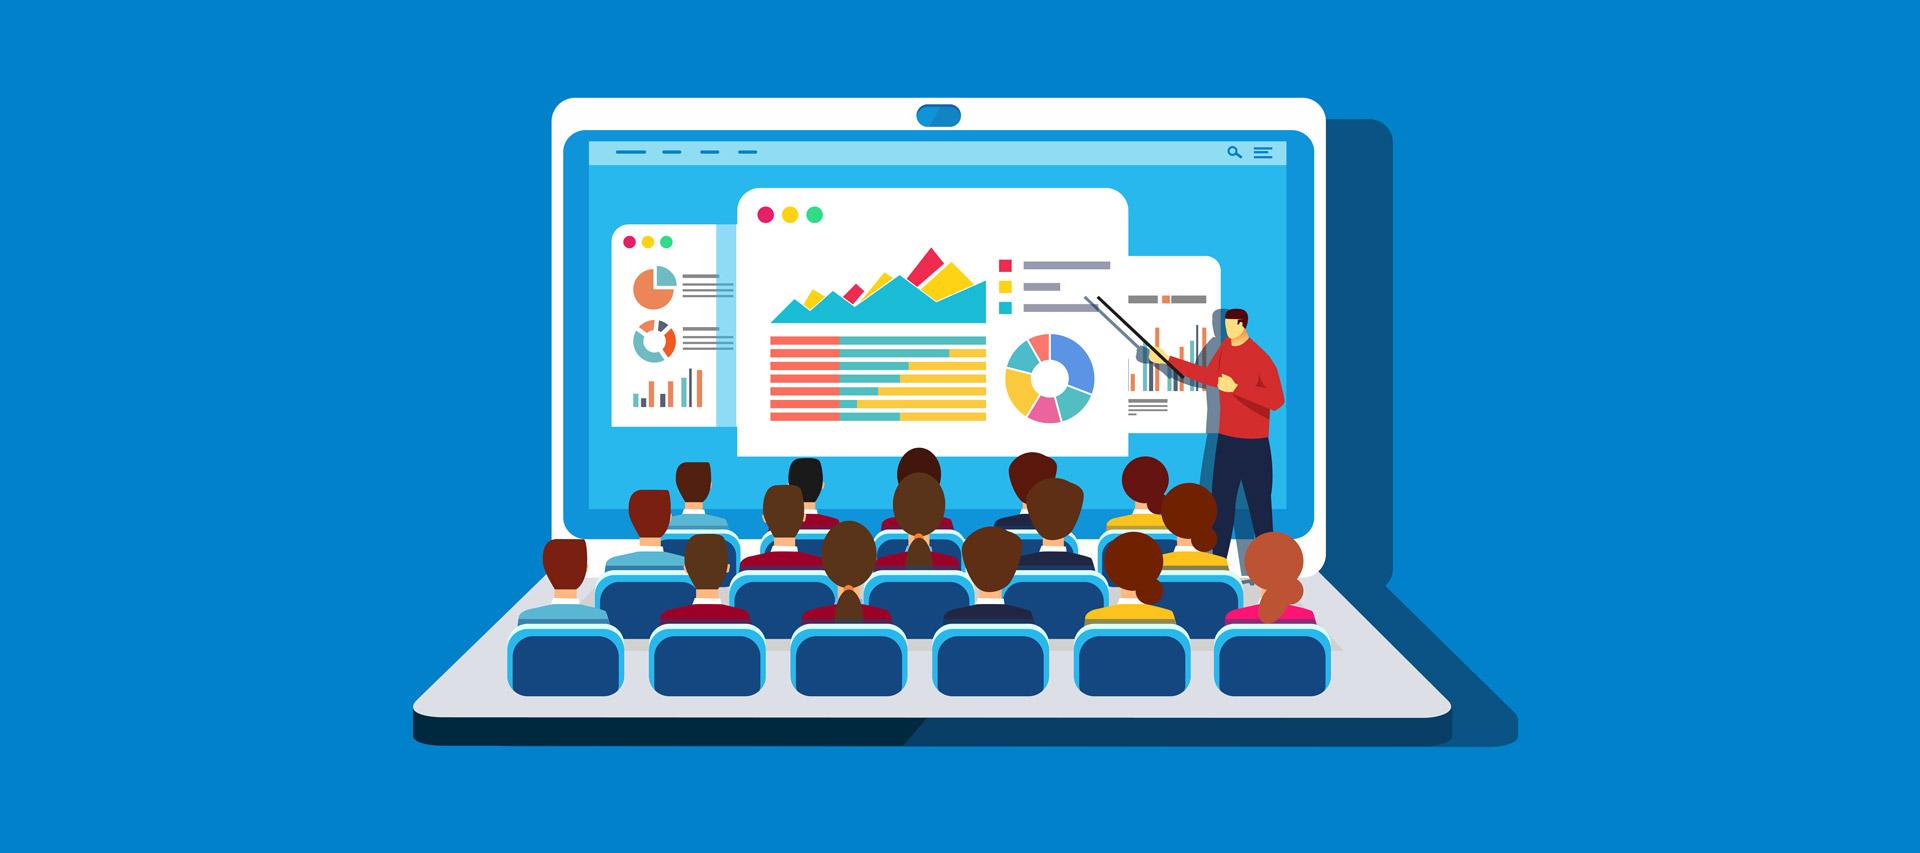 Ingin Membuat Web Kursus atau Pembelajaran Online Yang Tersistem? Ini 5 LMS Terbaik Yang Bisa Anda Pilih